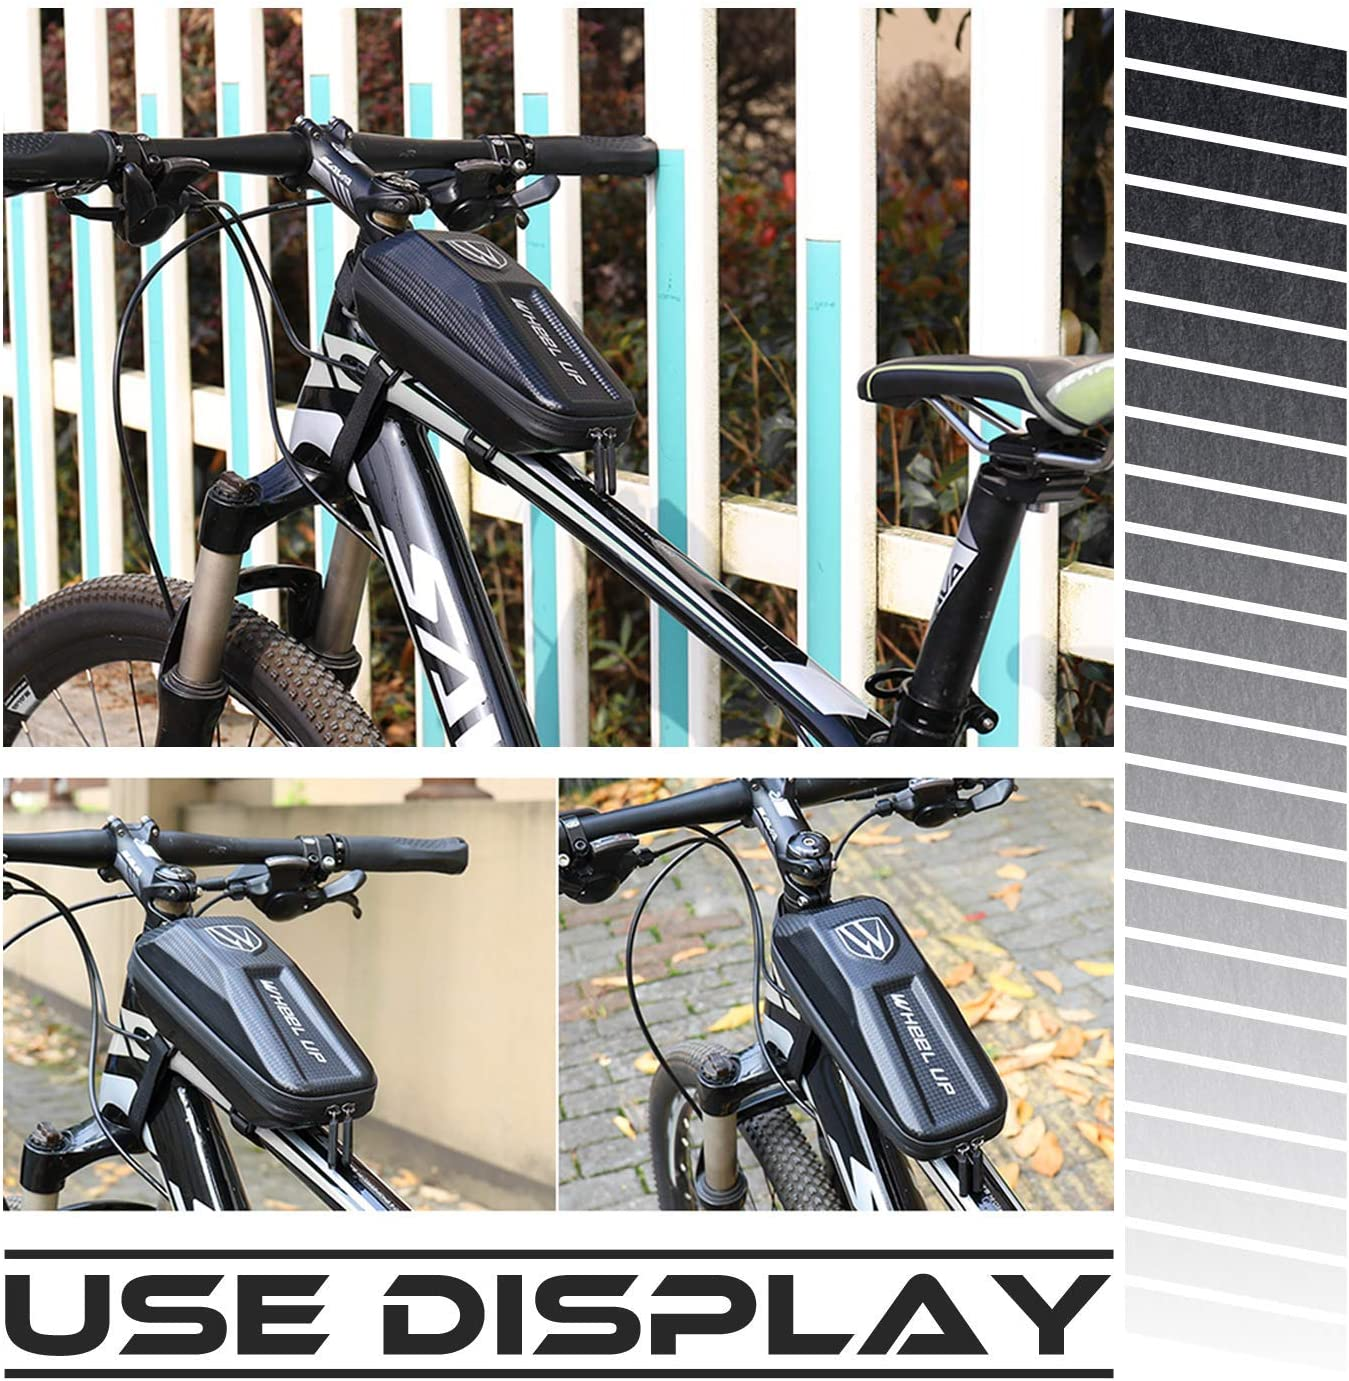 Happyroom Borsa Telaio Bici Impermeabile Borsa Telefono Bicicletta Borsa Bici Cellulare Borsa MTB Telaio per iPhone XS Max//8 Plus//7 Plus//Samsung Note8//S9//S10 sotto eccetera Smartphone